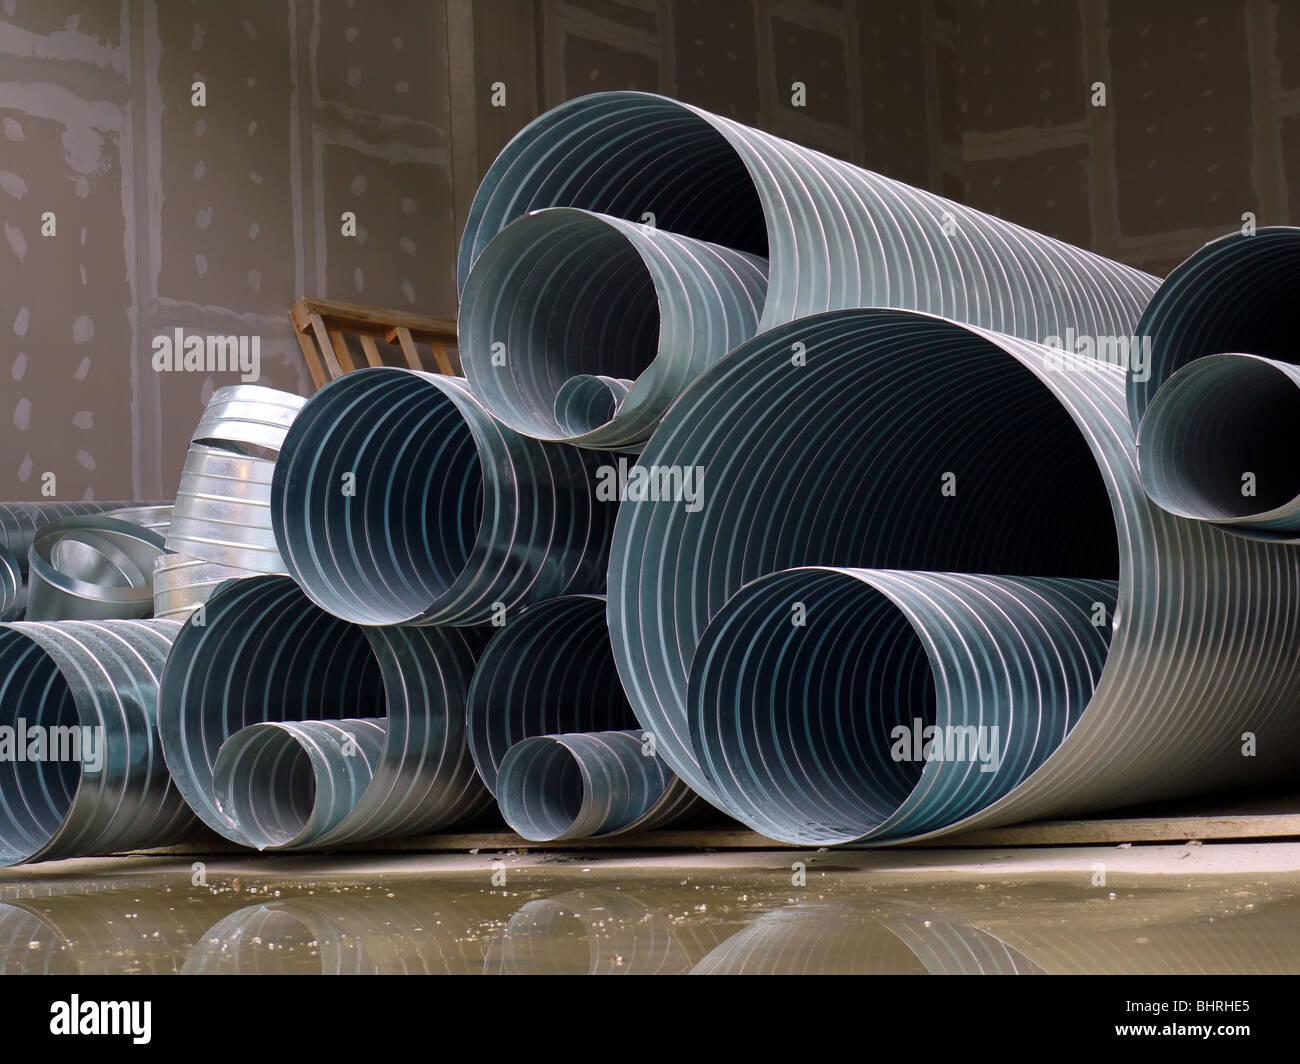 Pile de tuyaux ondulés en acier stacked at construction site Photo Stock